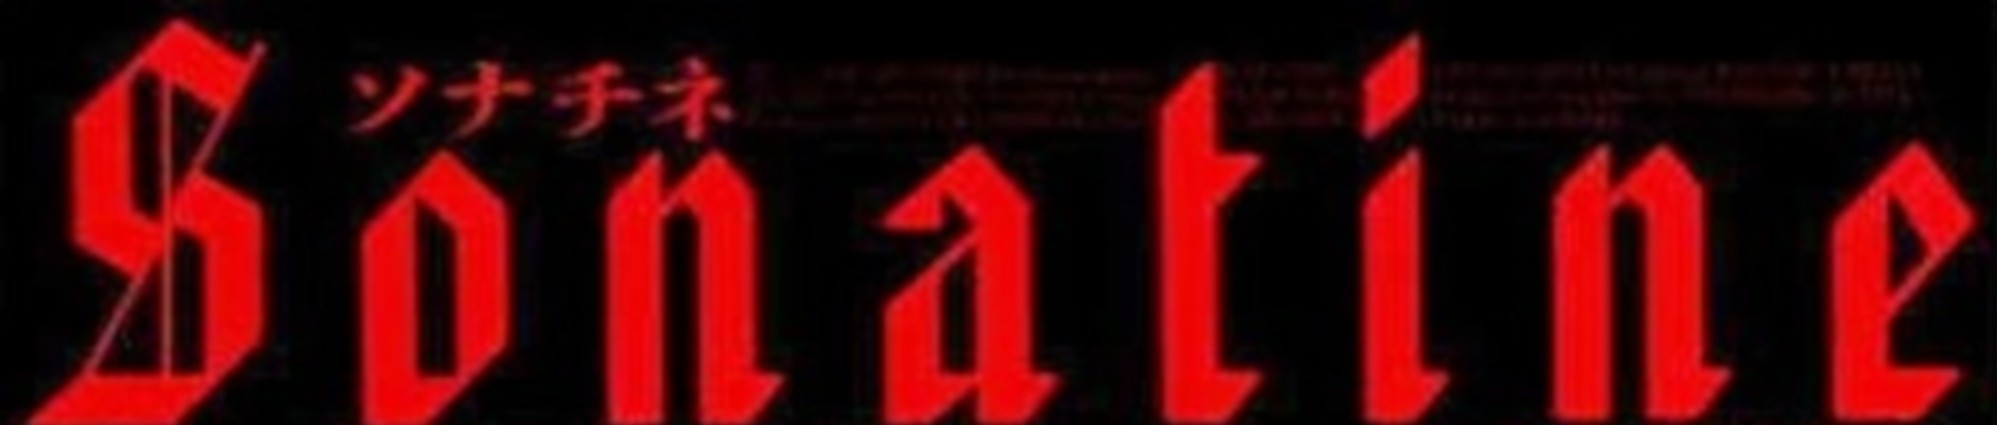 Sonatine Banner